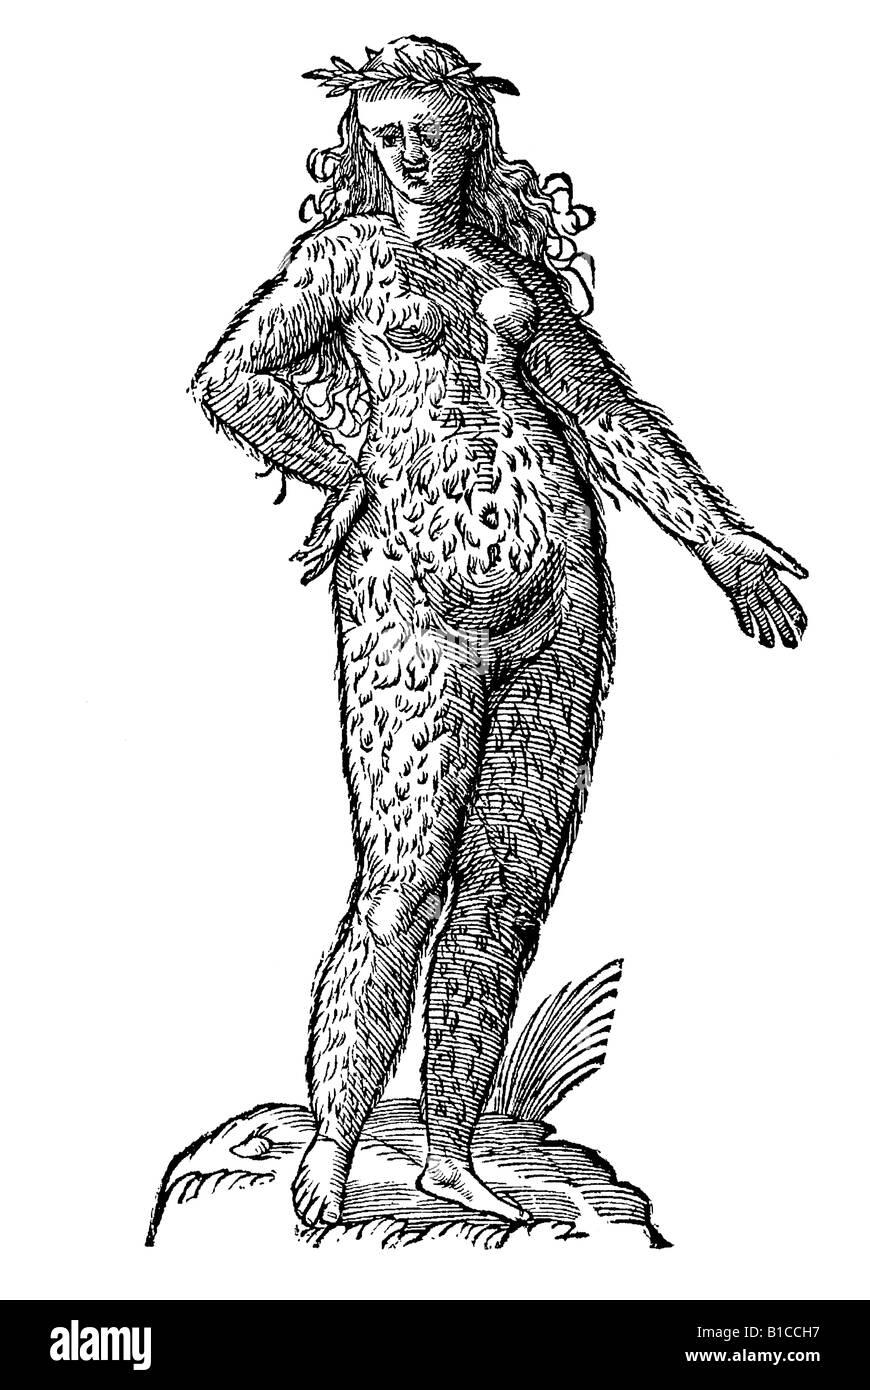 Foemina Cinnaminiae gentis, Aldrovandi 1642 17th century renaissance Europe - Stock Image